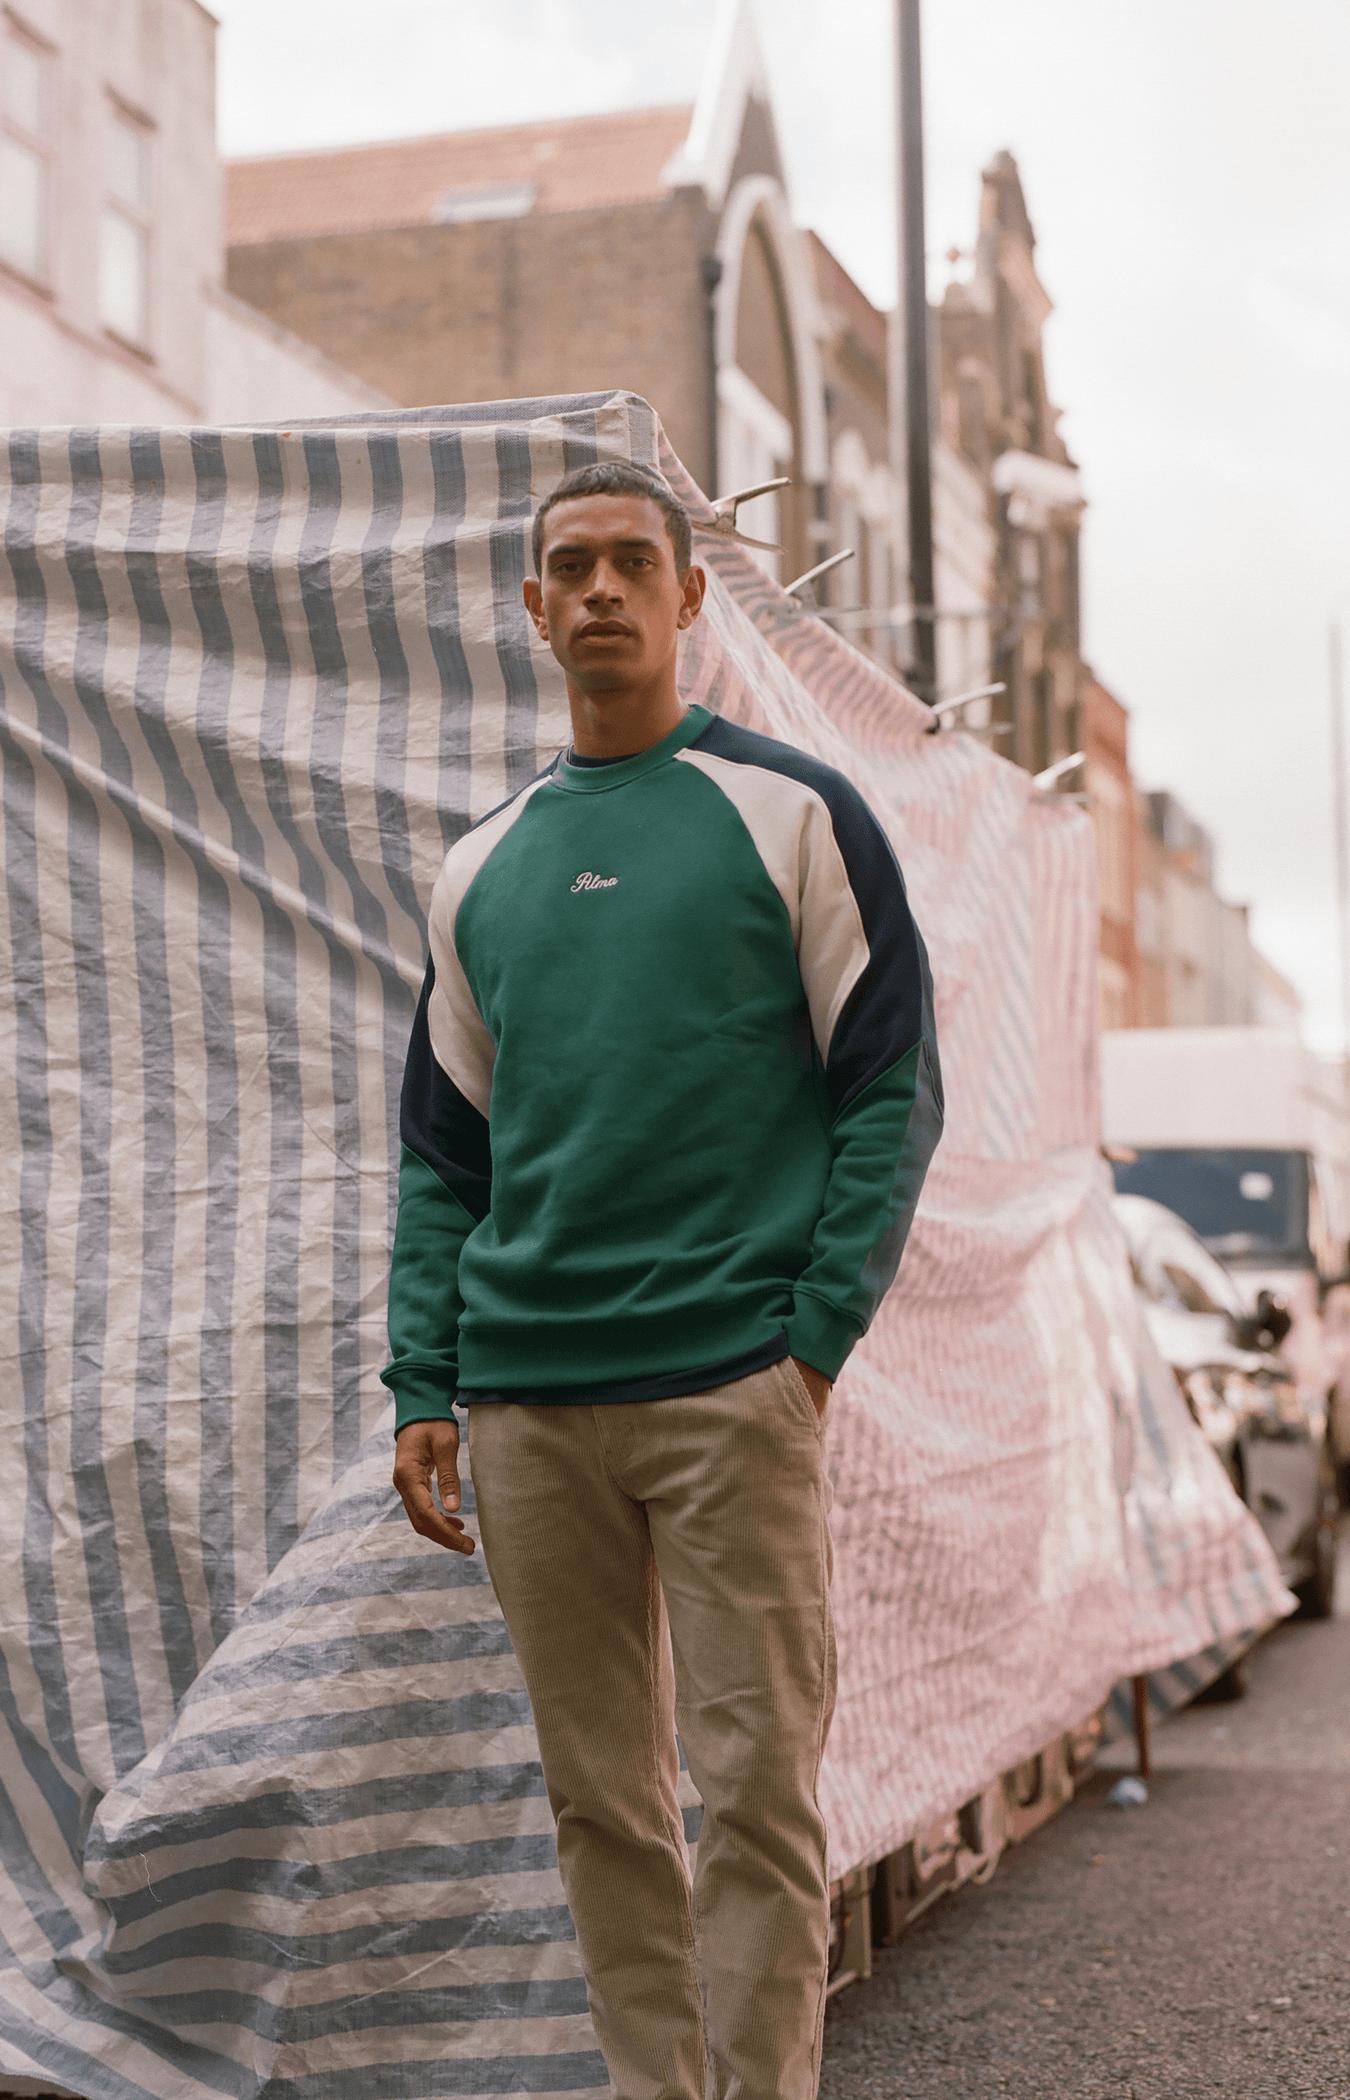 Green Parvis Sweatshirt